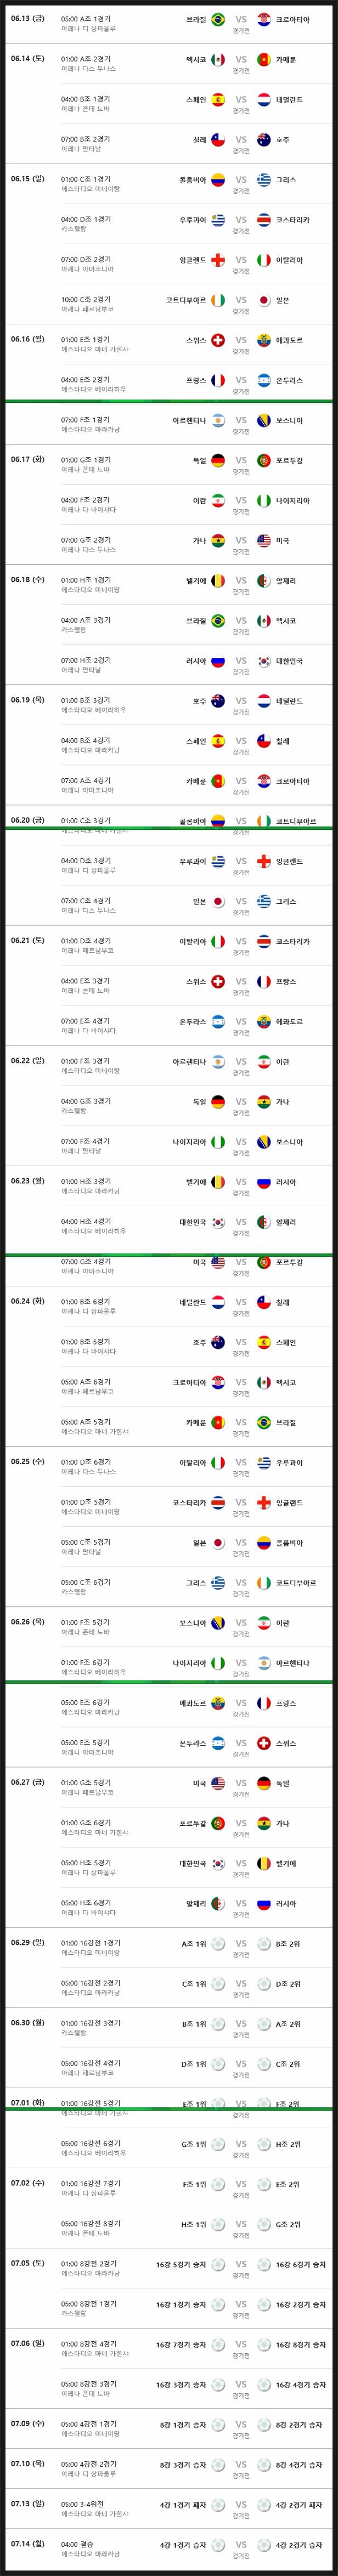 2014 브라질 월드컵 축구 경기 전체 일정